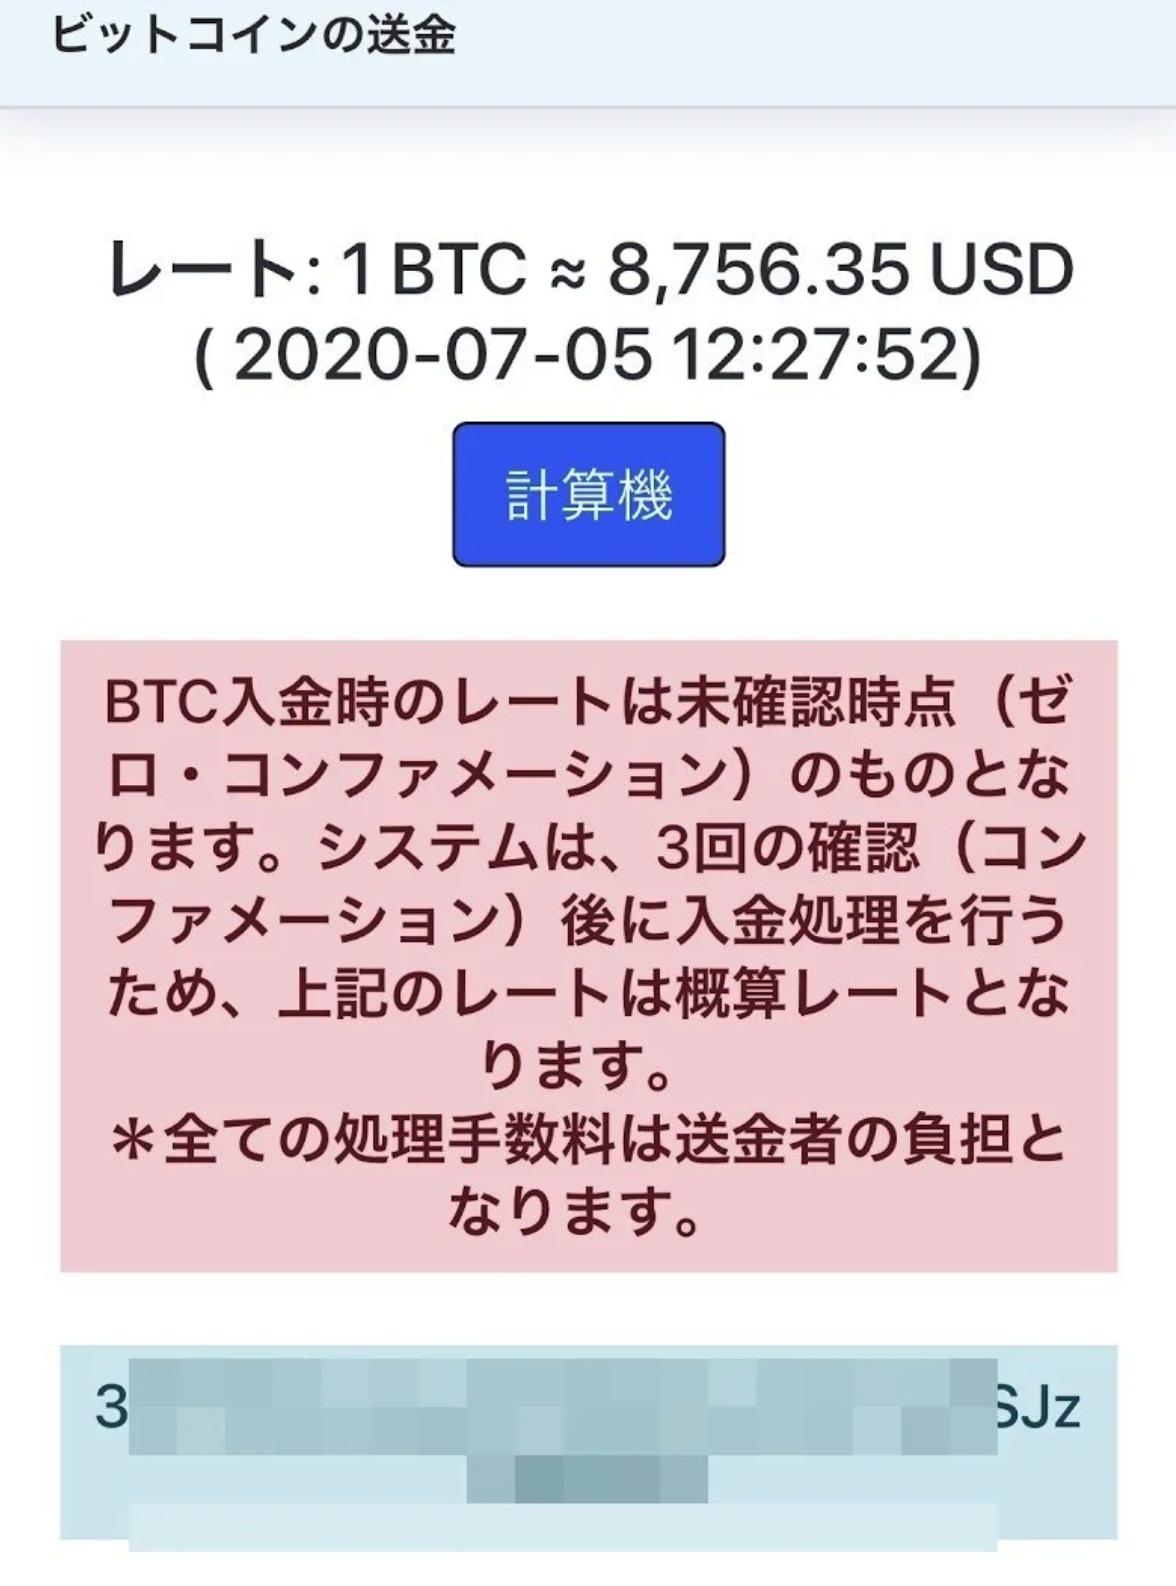 私はどのようにビットコインで購入できますか